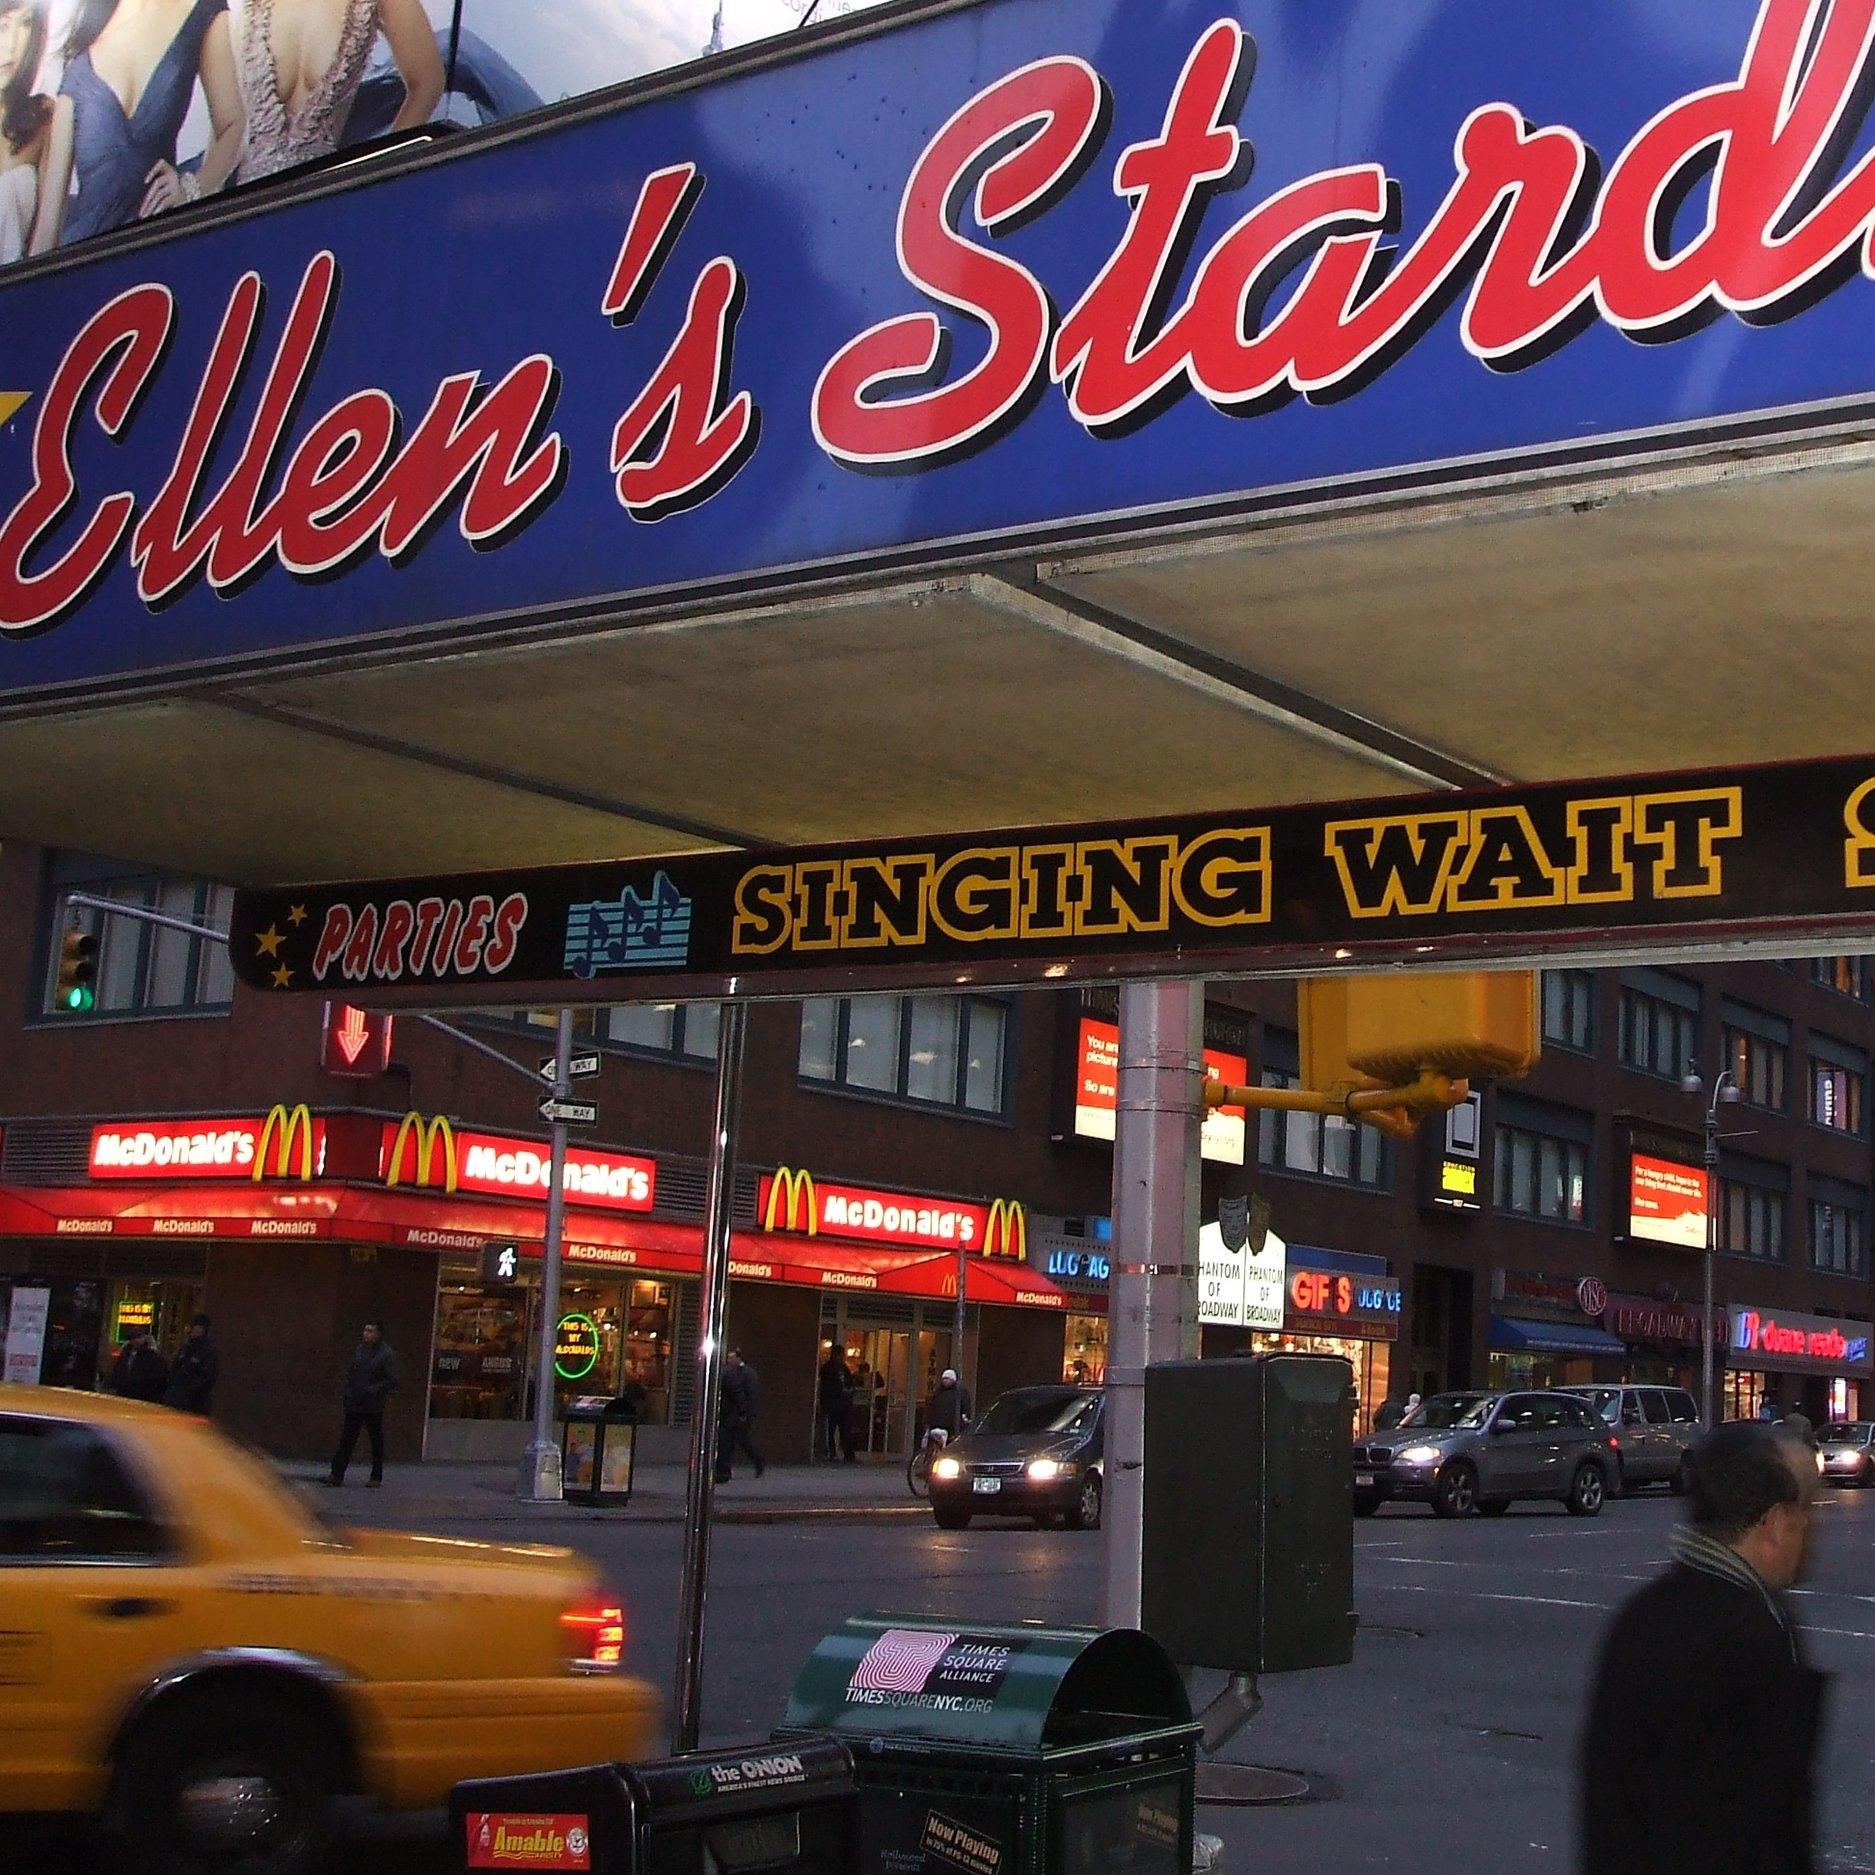 Copy of Ellen's Stardust Diner, New York by Zara Mansoor for The Doubtful Traveller